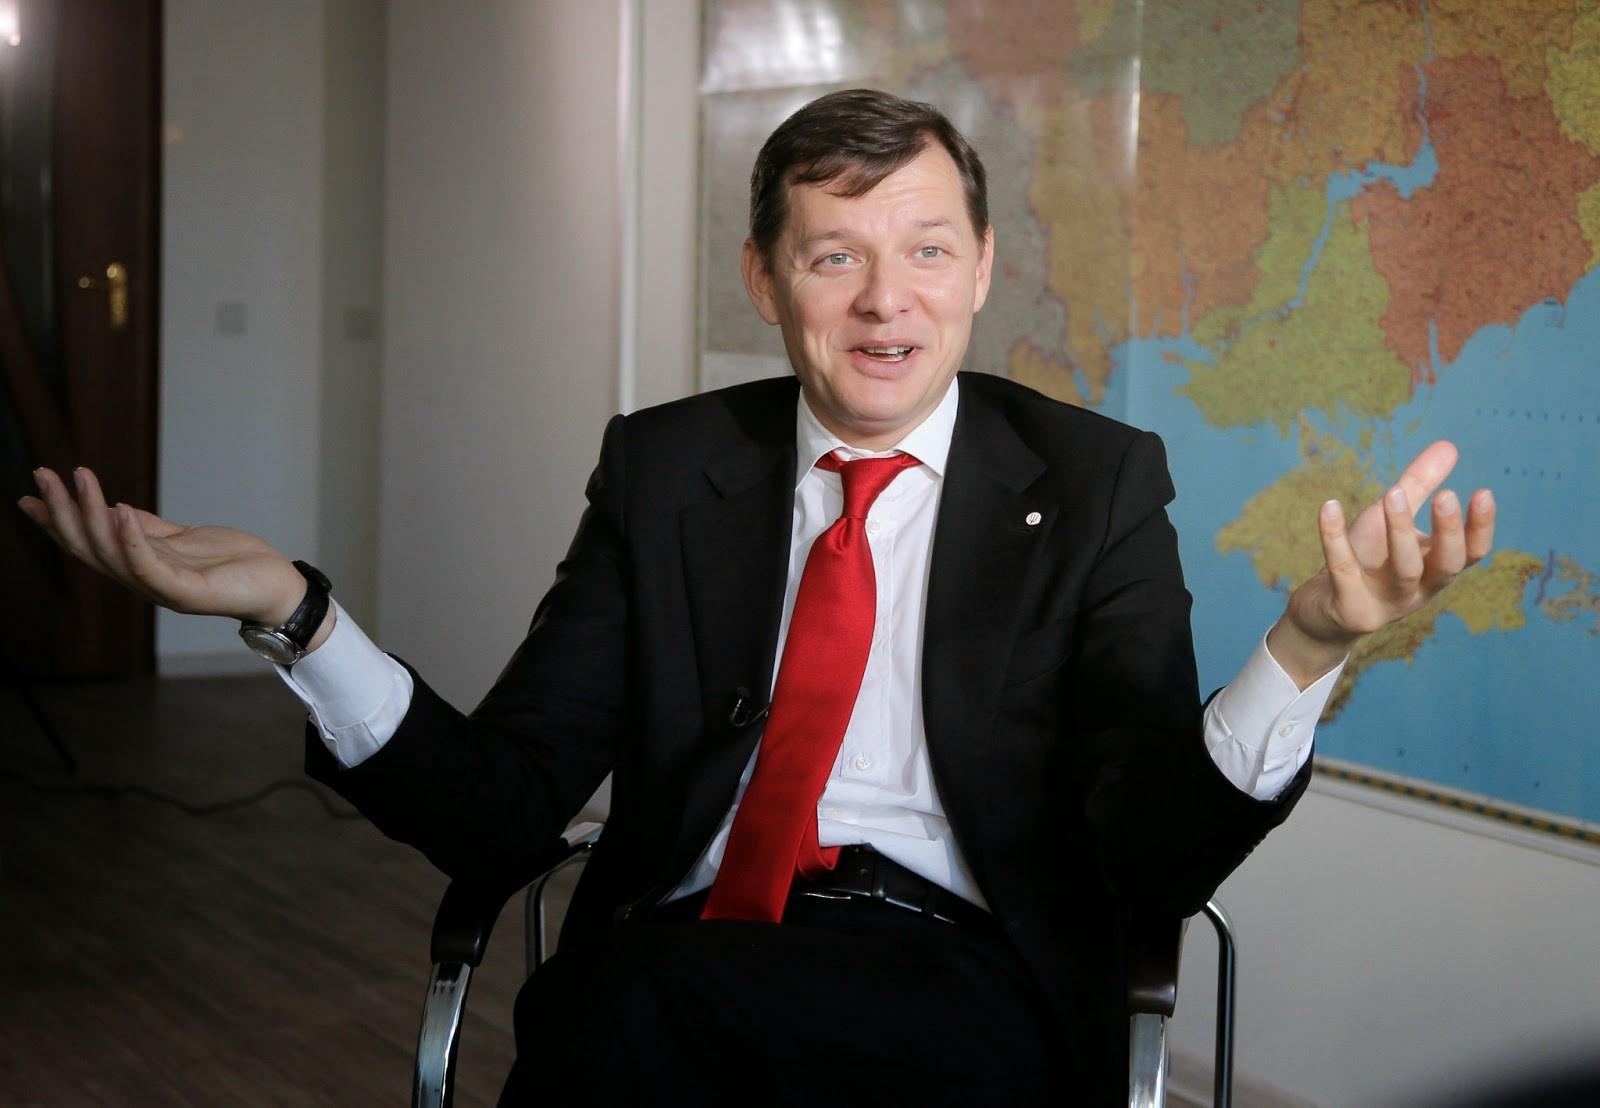 От цифр глаза на лоб лезут: журналисты выяснили, за сколько главный радикал страны Ляшко купил себе дом под Киевом (ФОТО)